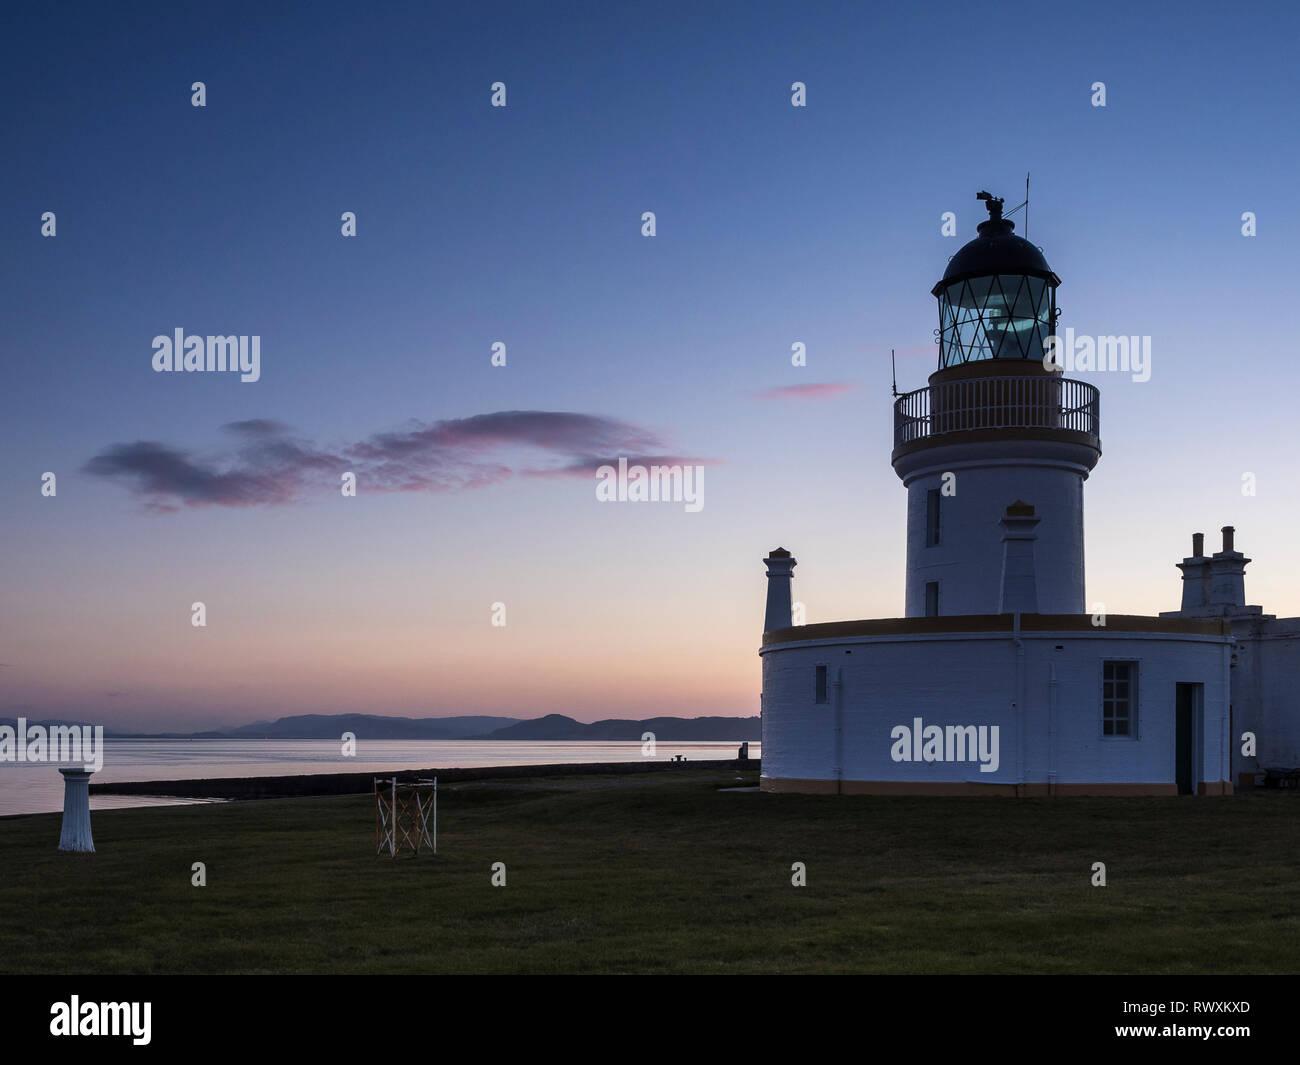 Chanonry Point Lighthouse at sunset, Black Isle, Highland, Scotland - Stock Image